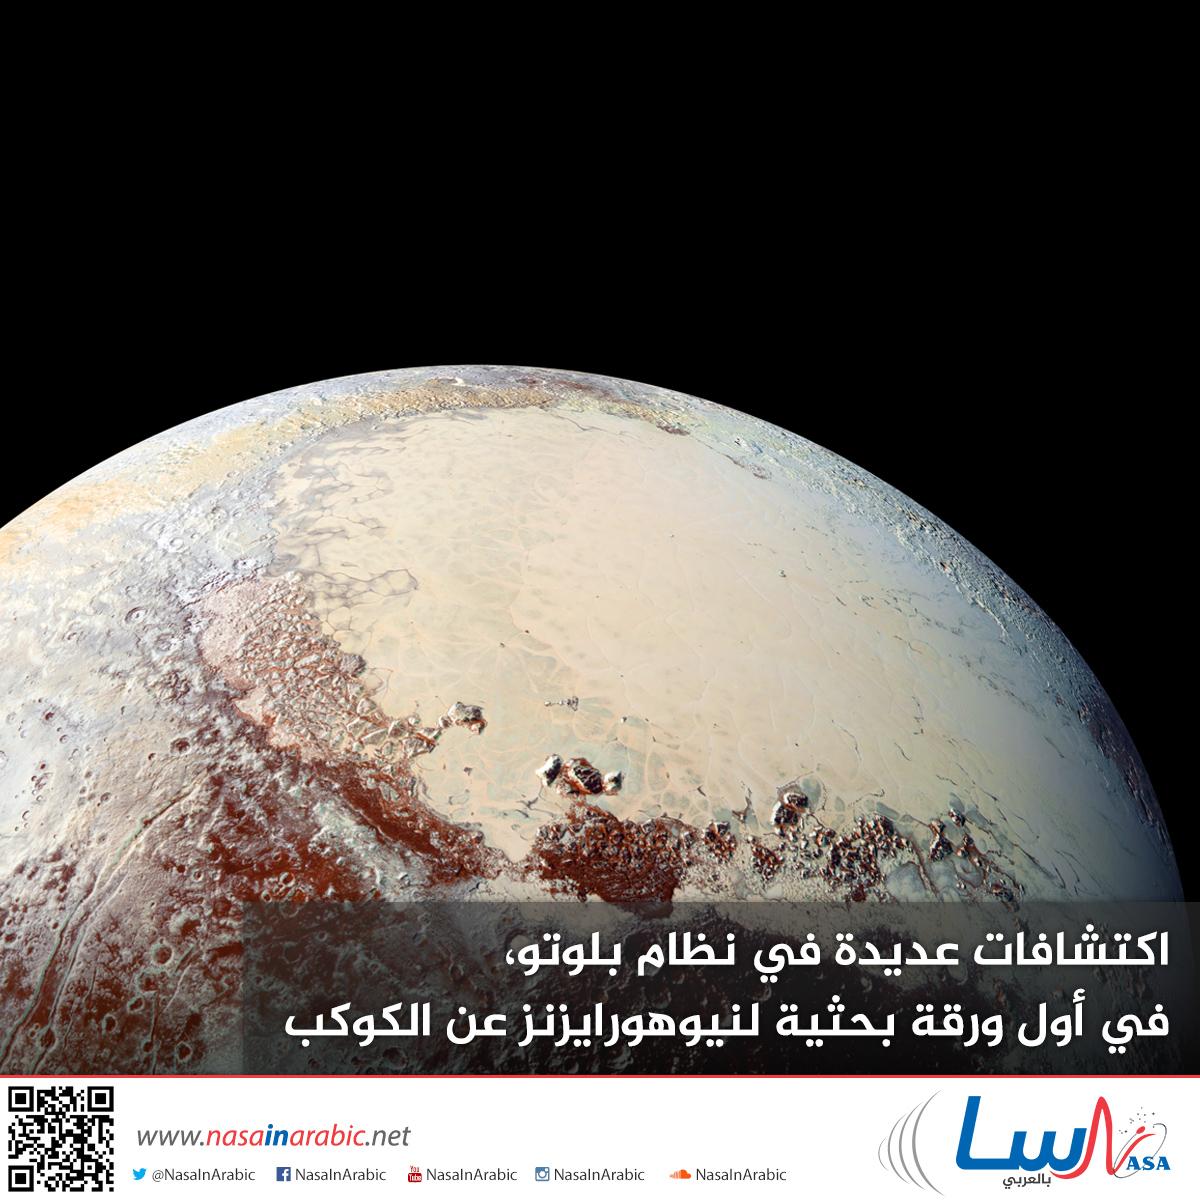 اكتشافات عديدة في نظام بلوتو، في أول ورقة بحثية لنيوهورايزنز عن الكوكب